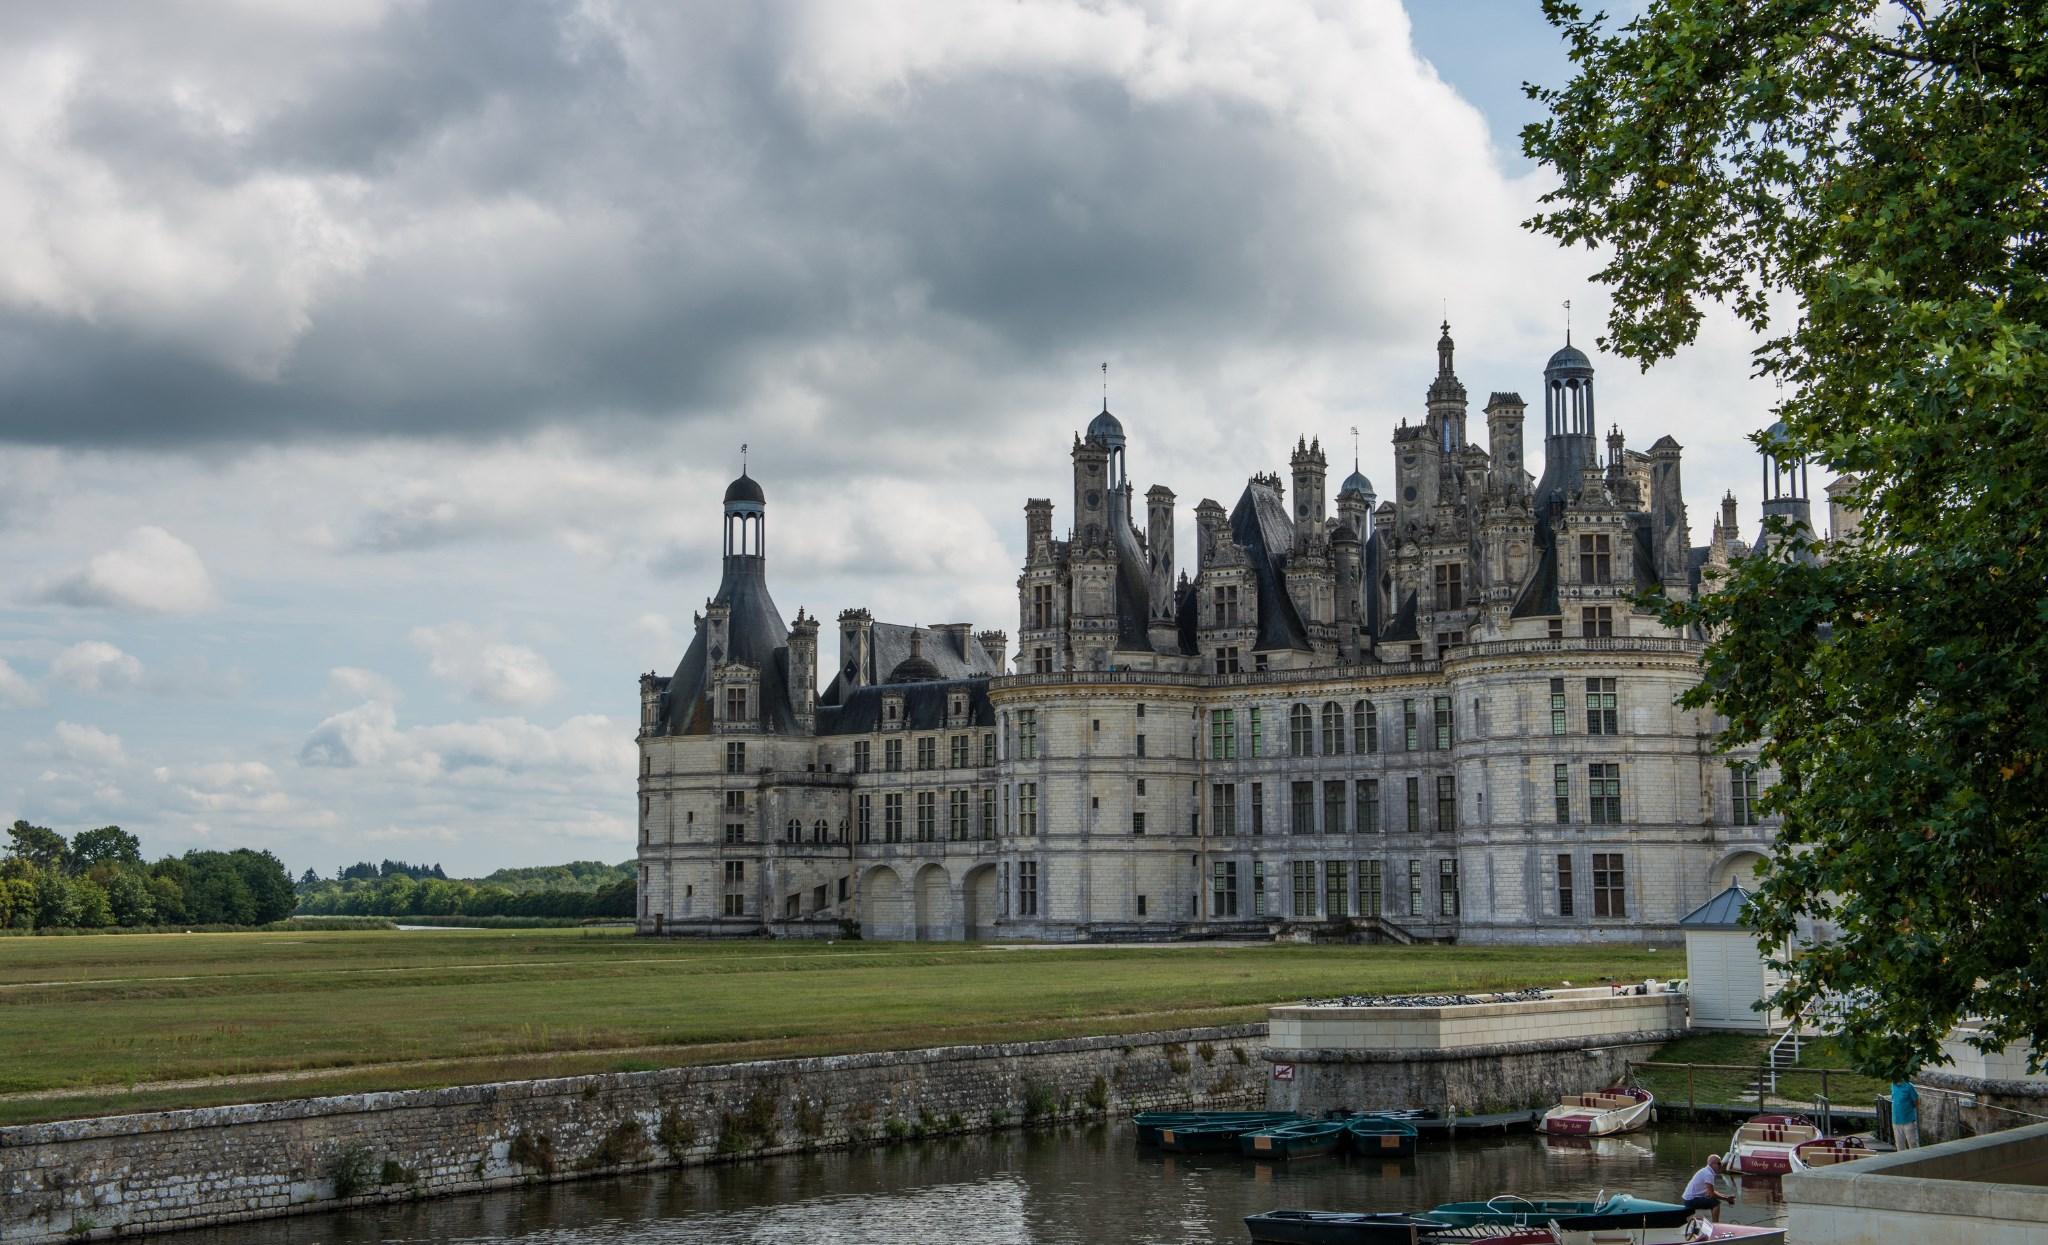 说说欧洲那些美丽的古城堡图片